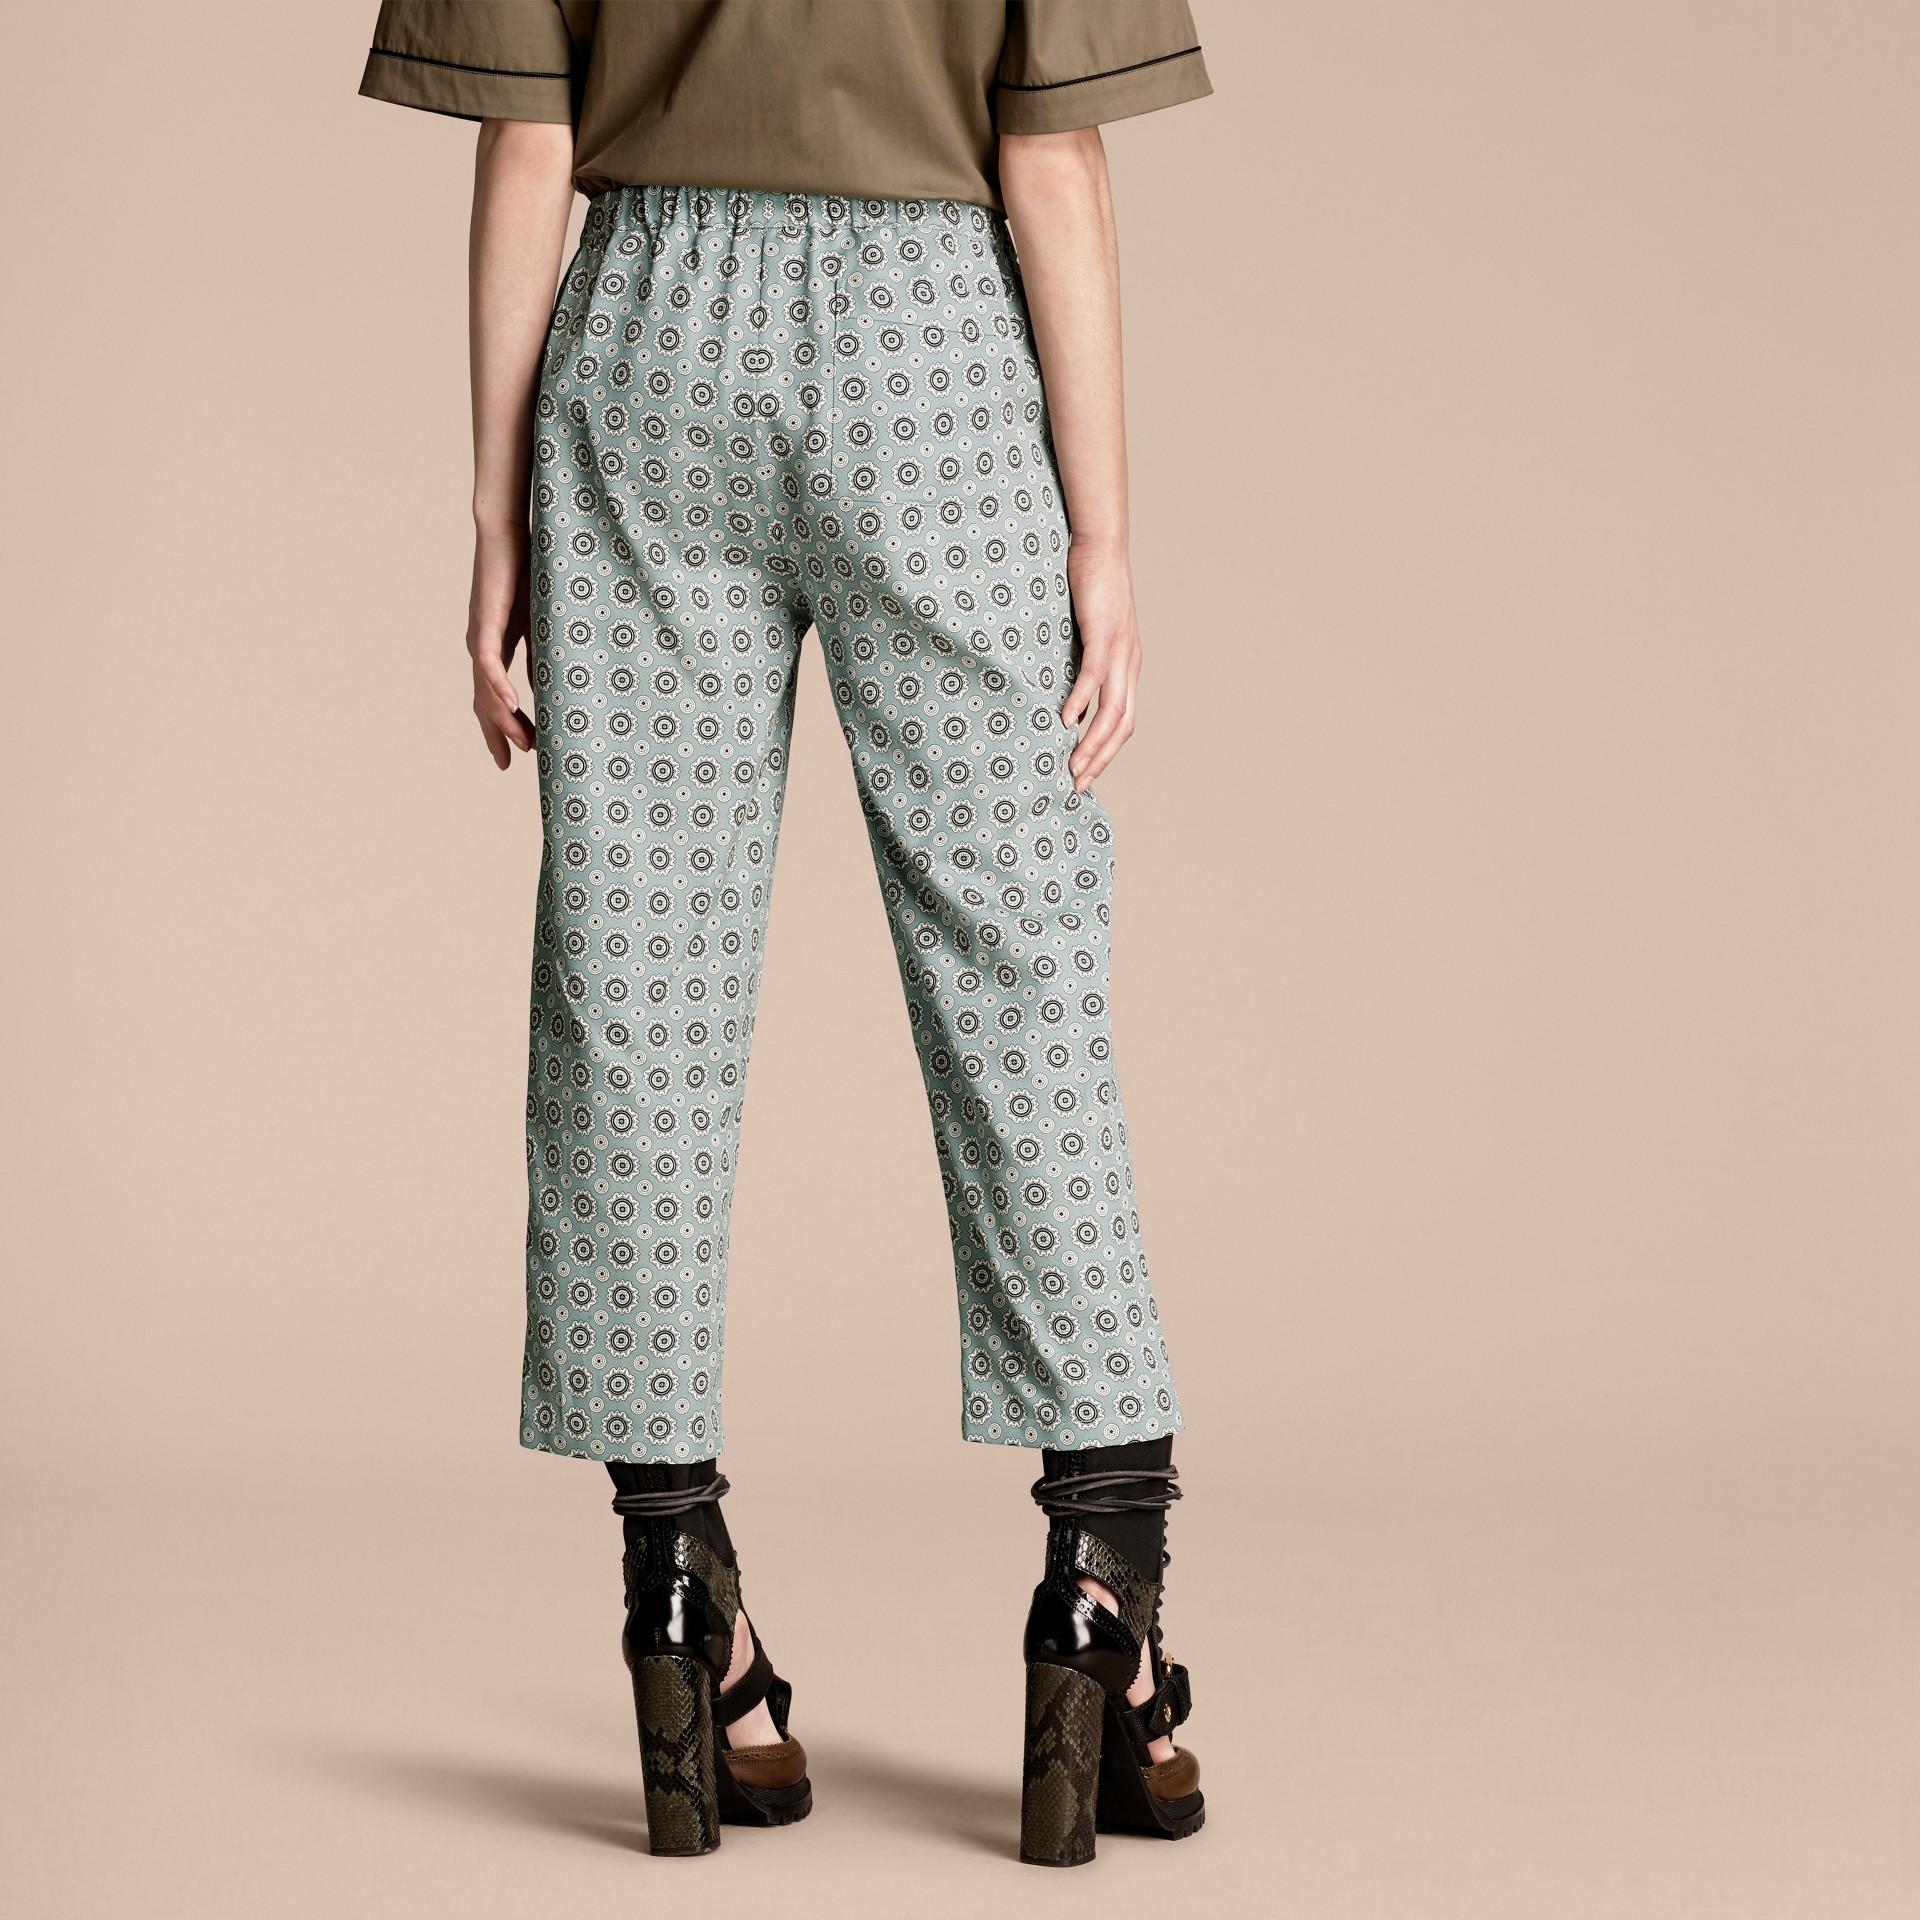 Helles steinblau Hose aus Baumwollseide im Pyjamastil mit kürzerer Beinlänge und Pyjamadruck Helles Steinblau - Galerie-Bild 3